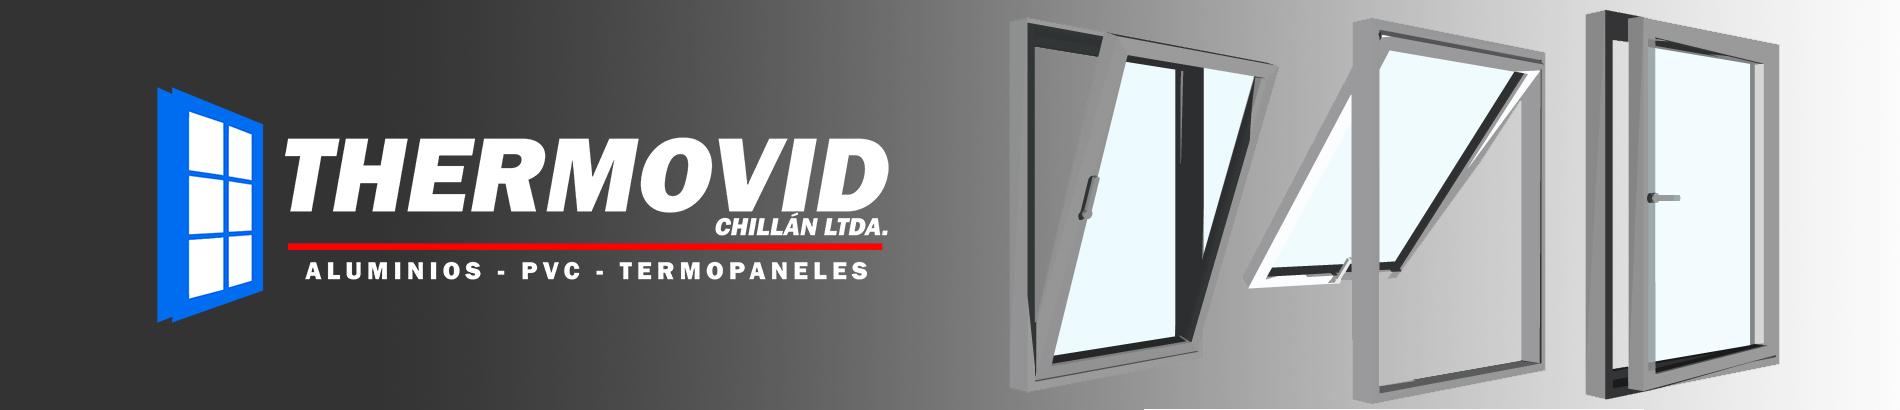 VENTANAS DE PVC CON TERMOPANEL THERMOVID CHILLAN LTDA. ofrece ventanas de PVC para todos sus proyectos. Además nuestras ventanas de PVC cuentan con distintas soluciones en termopaneles y perfiles de PVC, permitiéndonos entregas un producto de alta calidad.